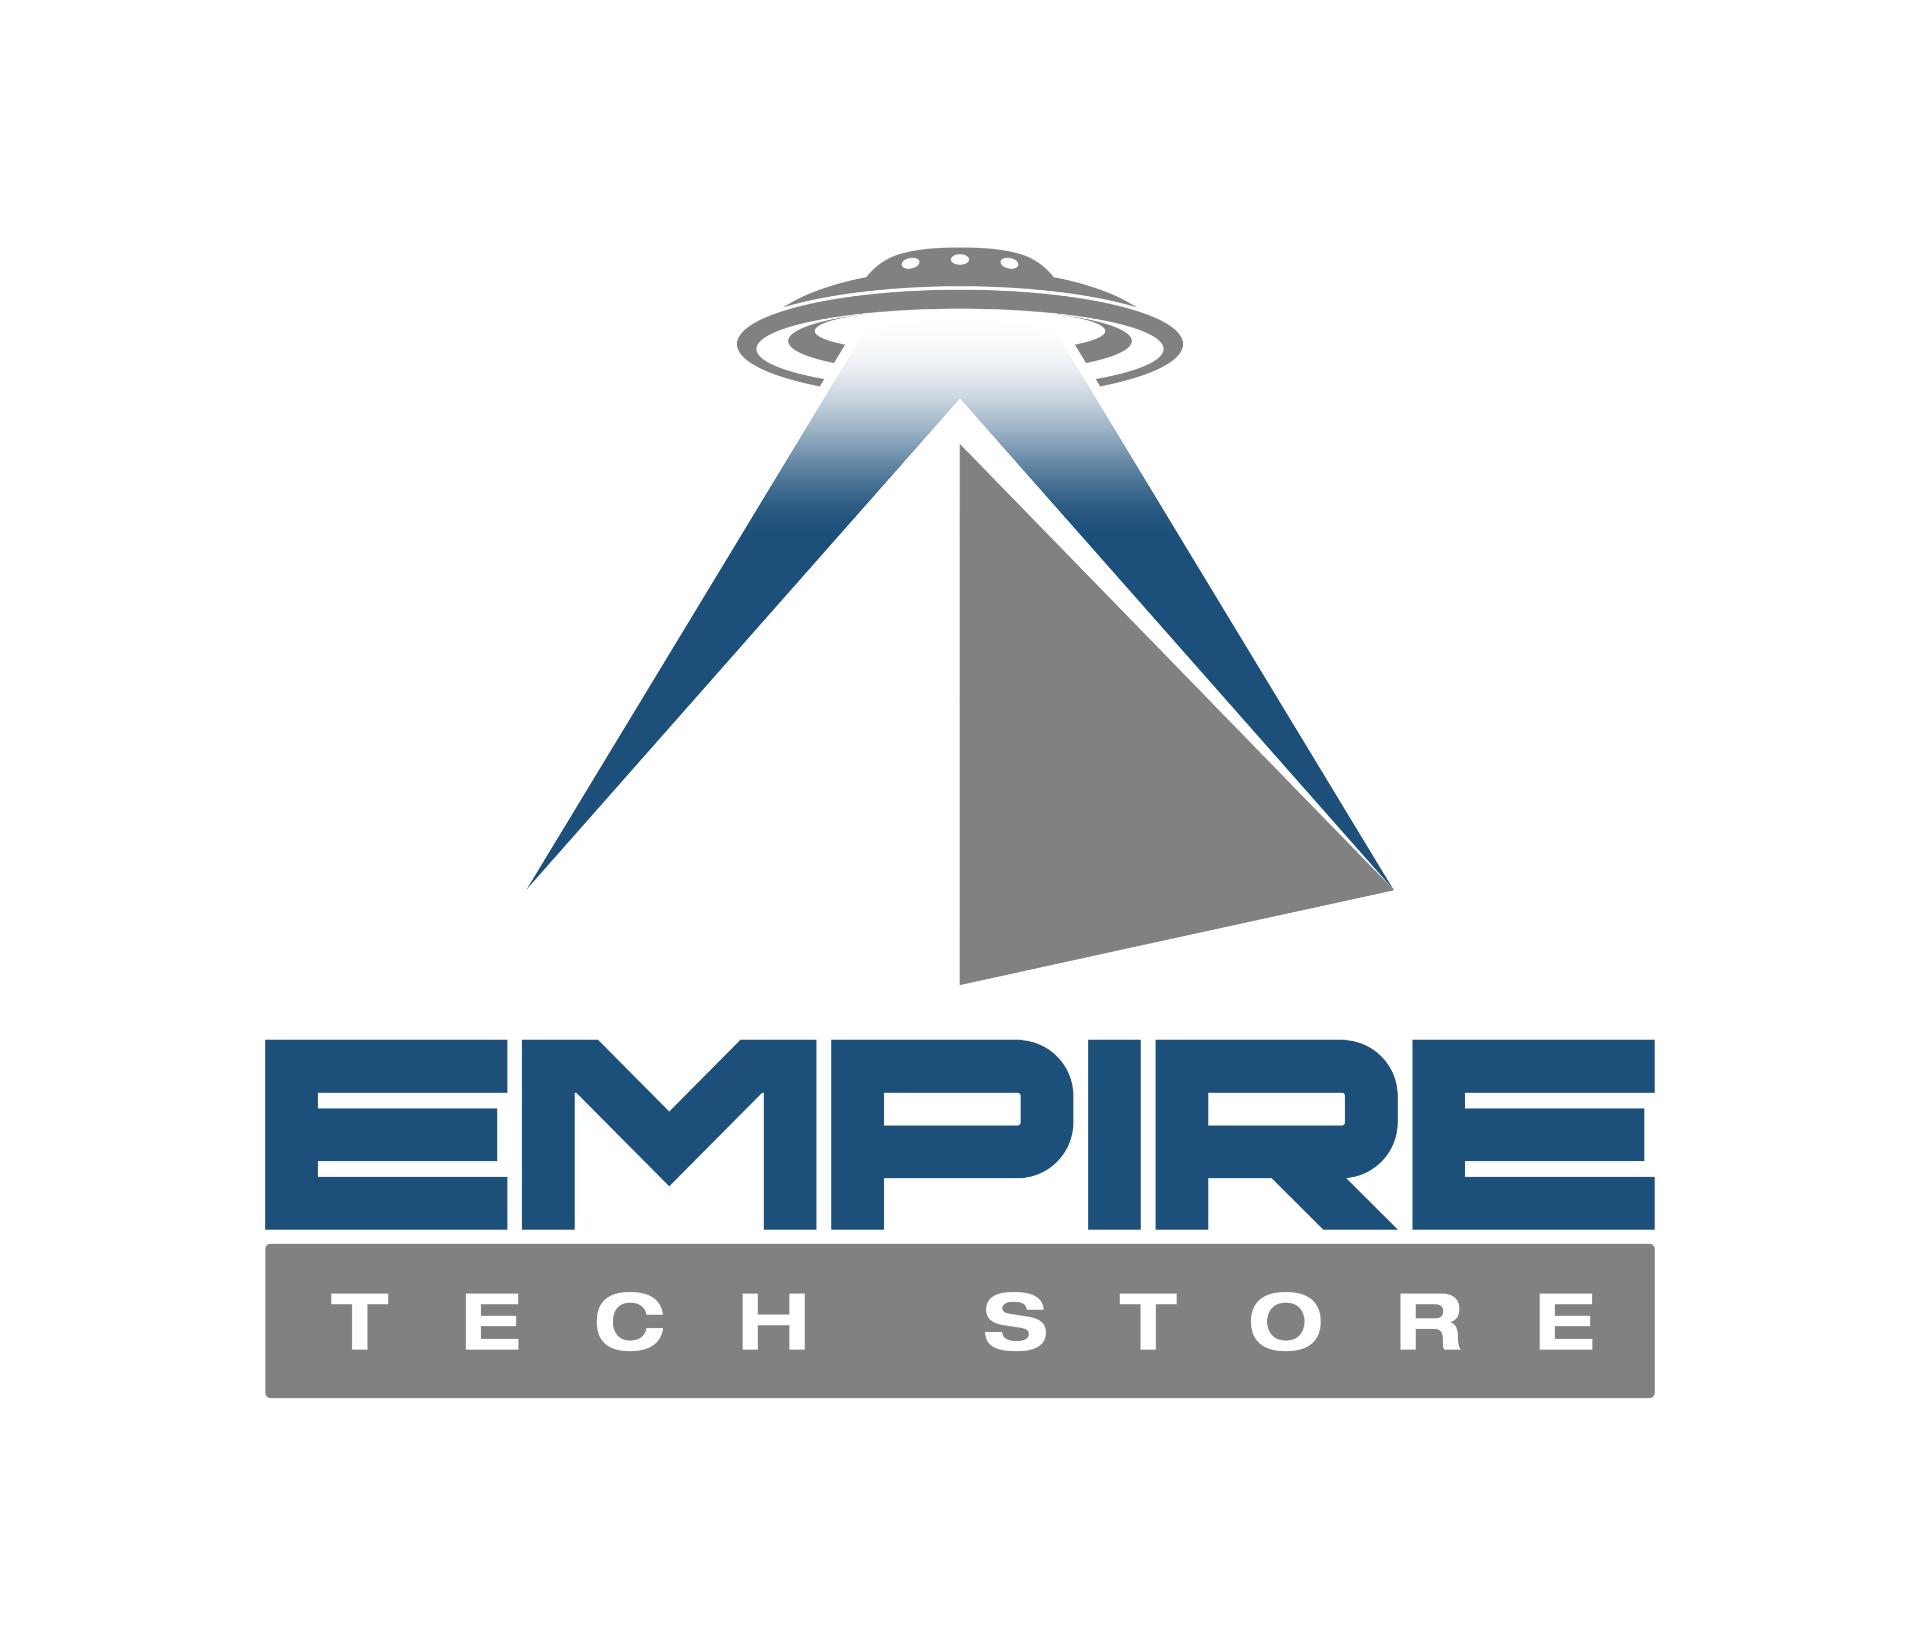 EMPIRE TECH STORE - Instrumentos Musicais e Acessórios.